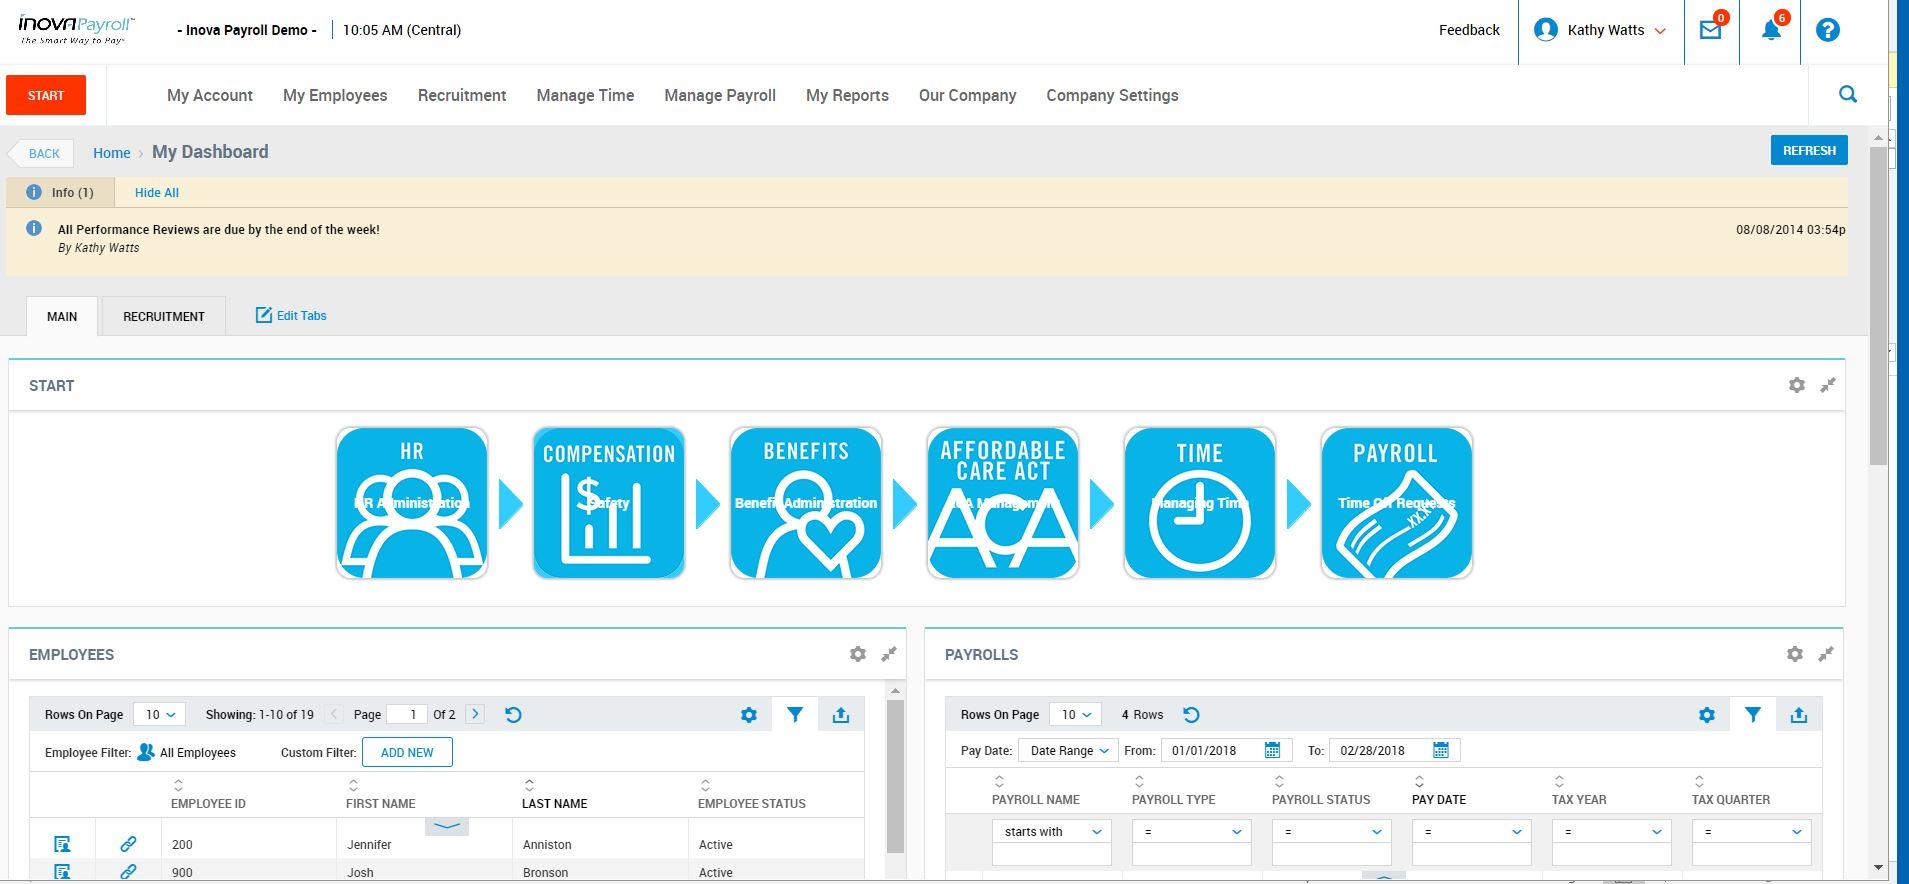 Inova Payroll Demo - Inova HCM Admin Dashboard